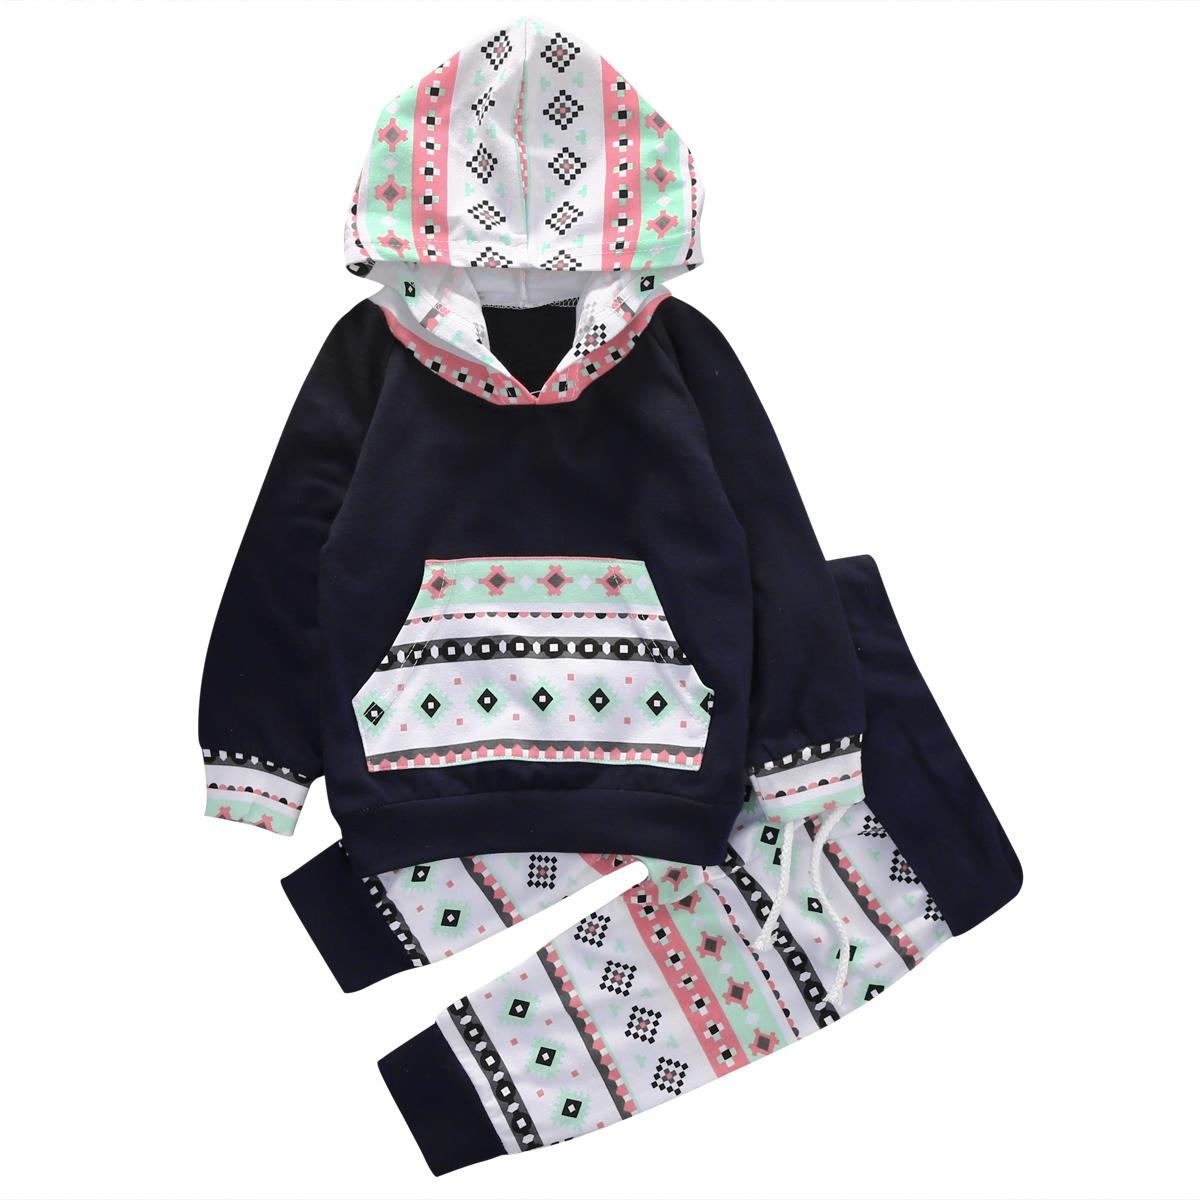 الجملة- 2016 الخريف نمط ملابس الرضع ملابس الطفل مجموعات الطفل بنين بنات قمم هوديي + السراويل الطويلة 2 قطع ملابس مجموعة الملابس